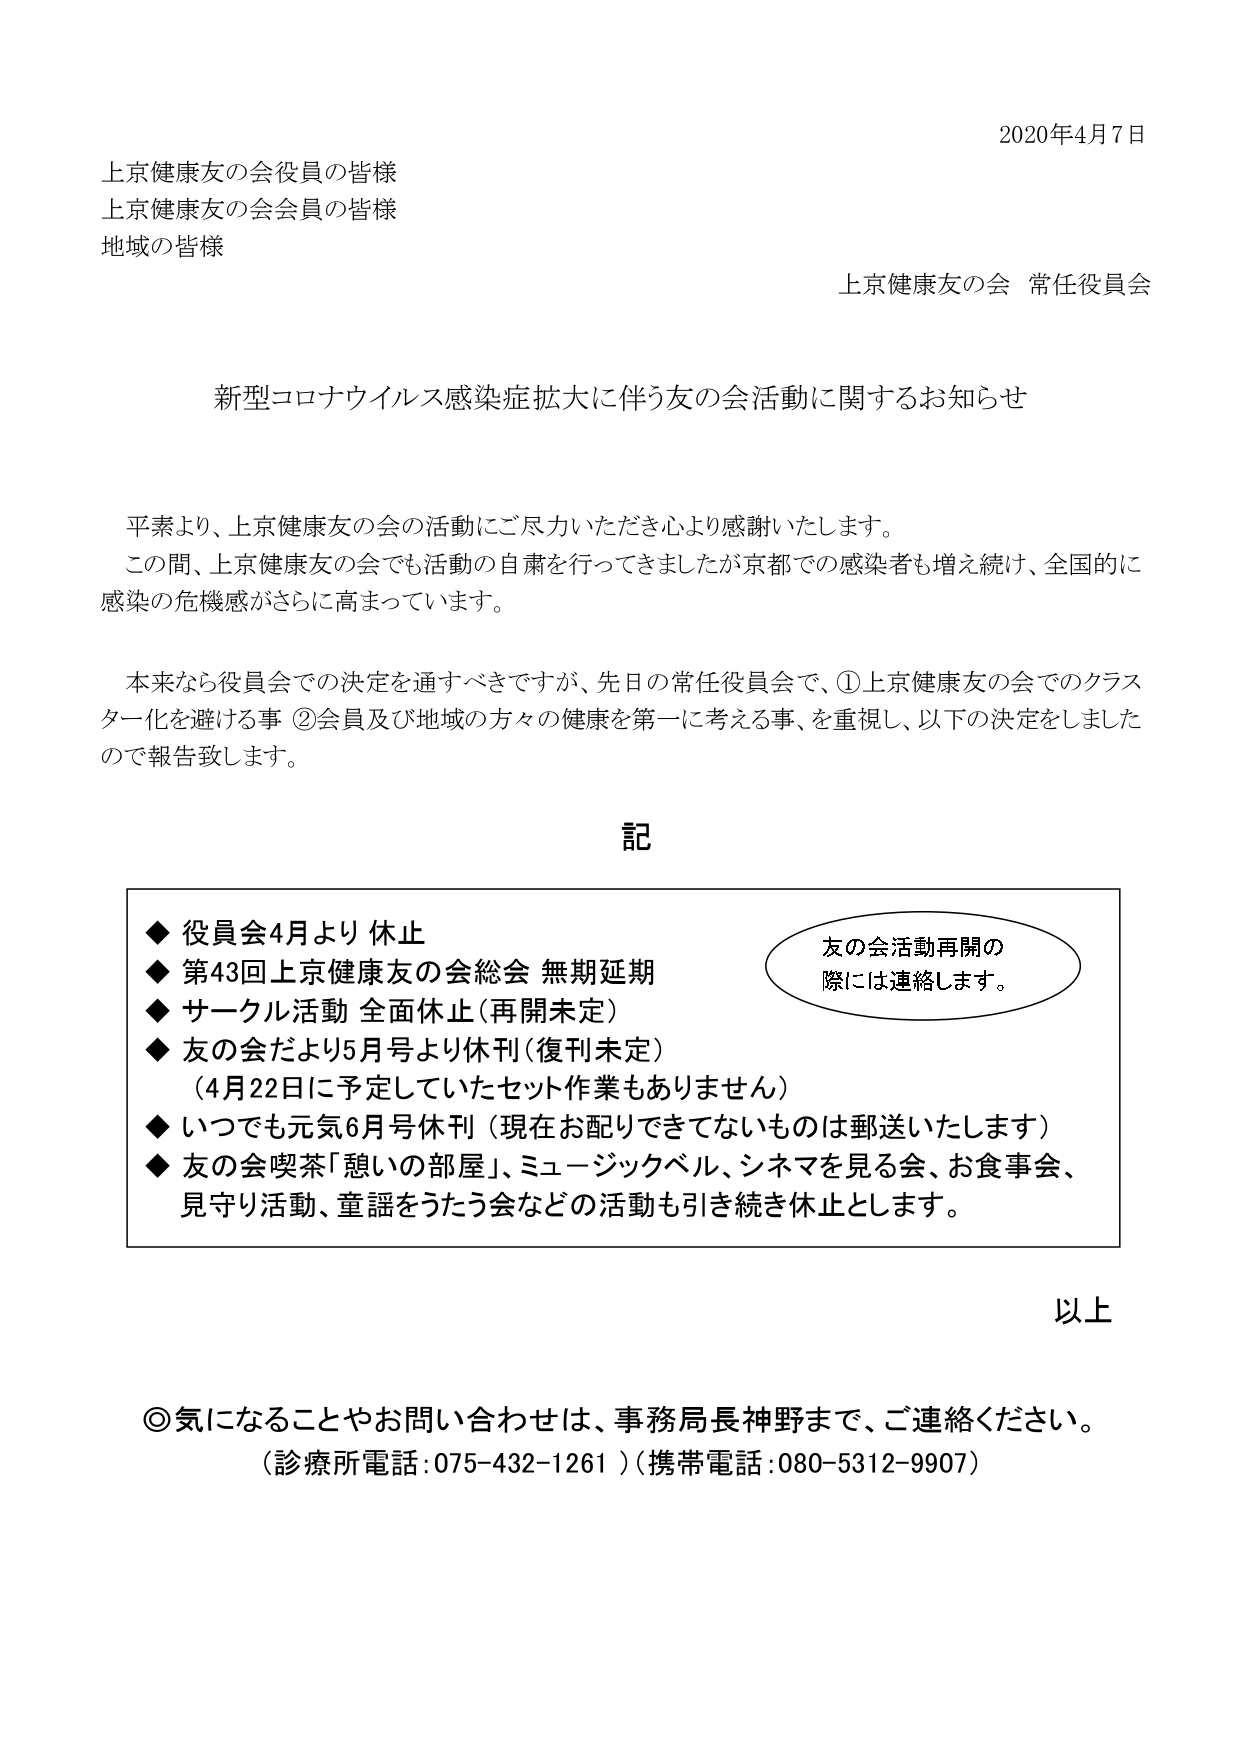 京都 感染 者 コロナ ウイルス